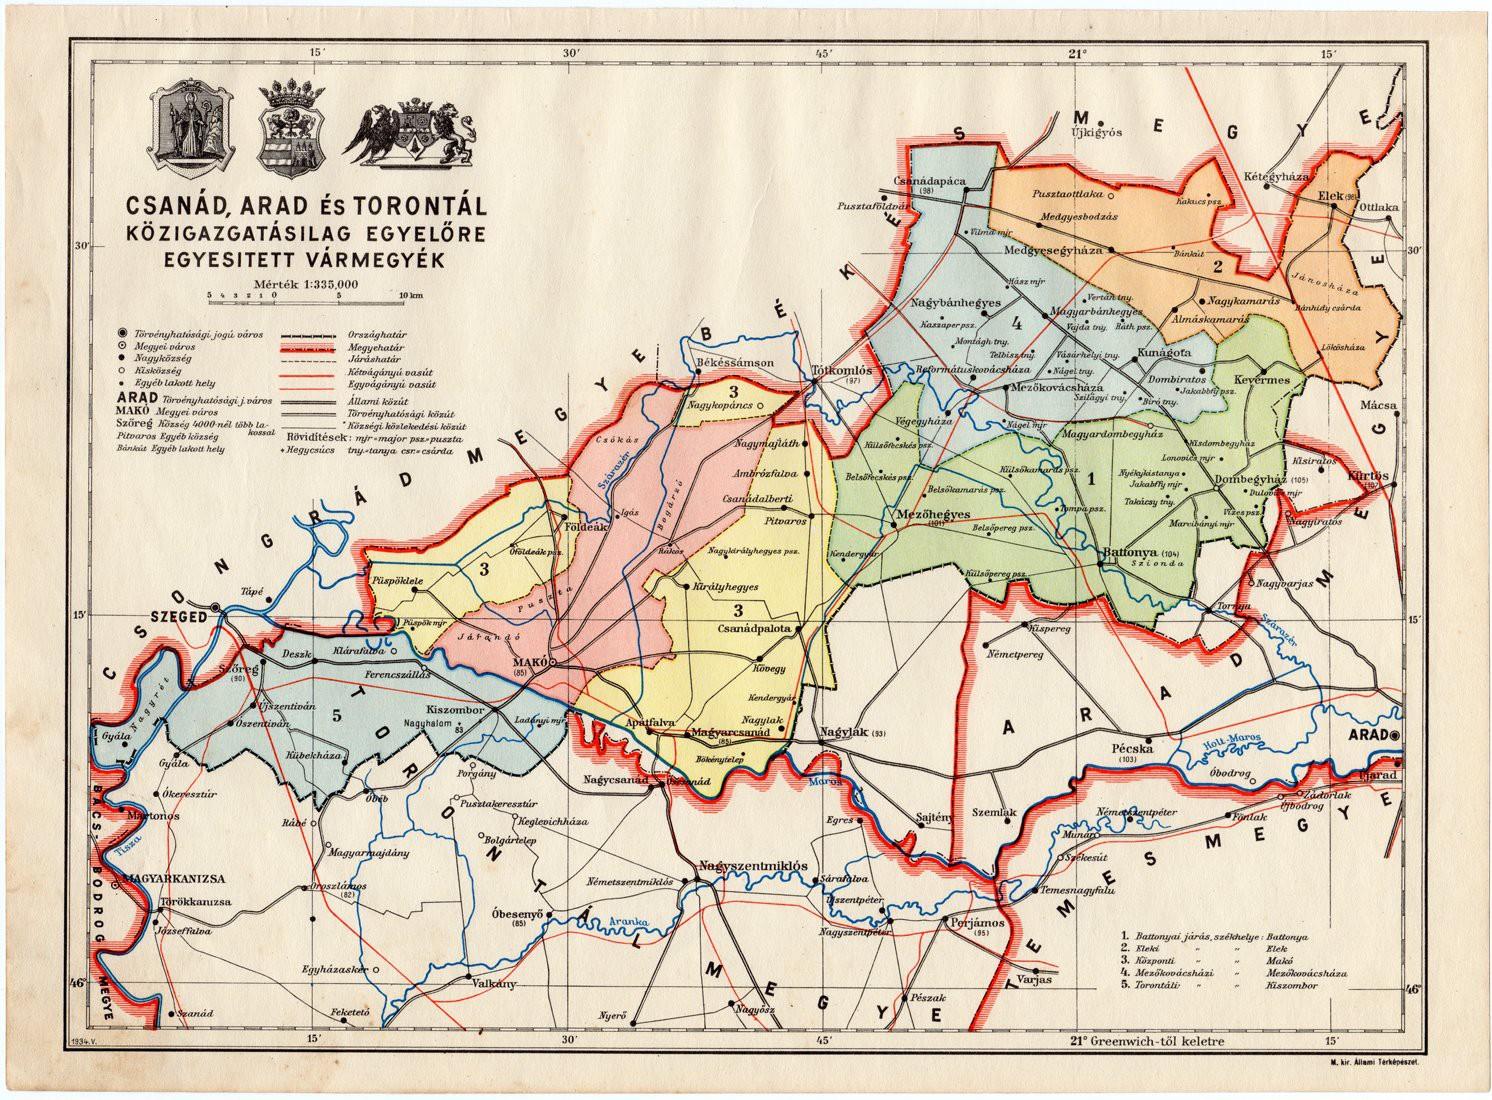 csanad-arad-torontal-varmegye-terkep-1934.jpg